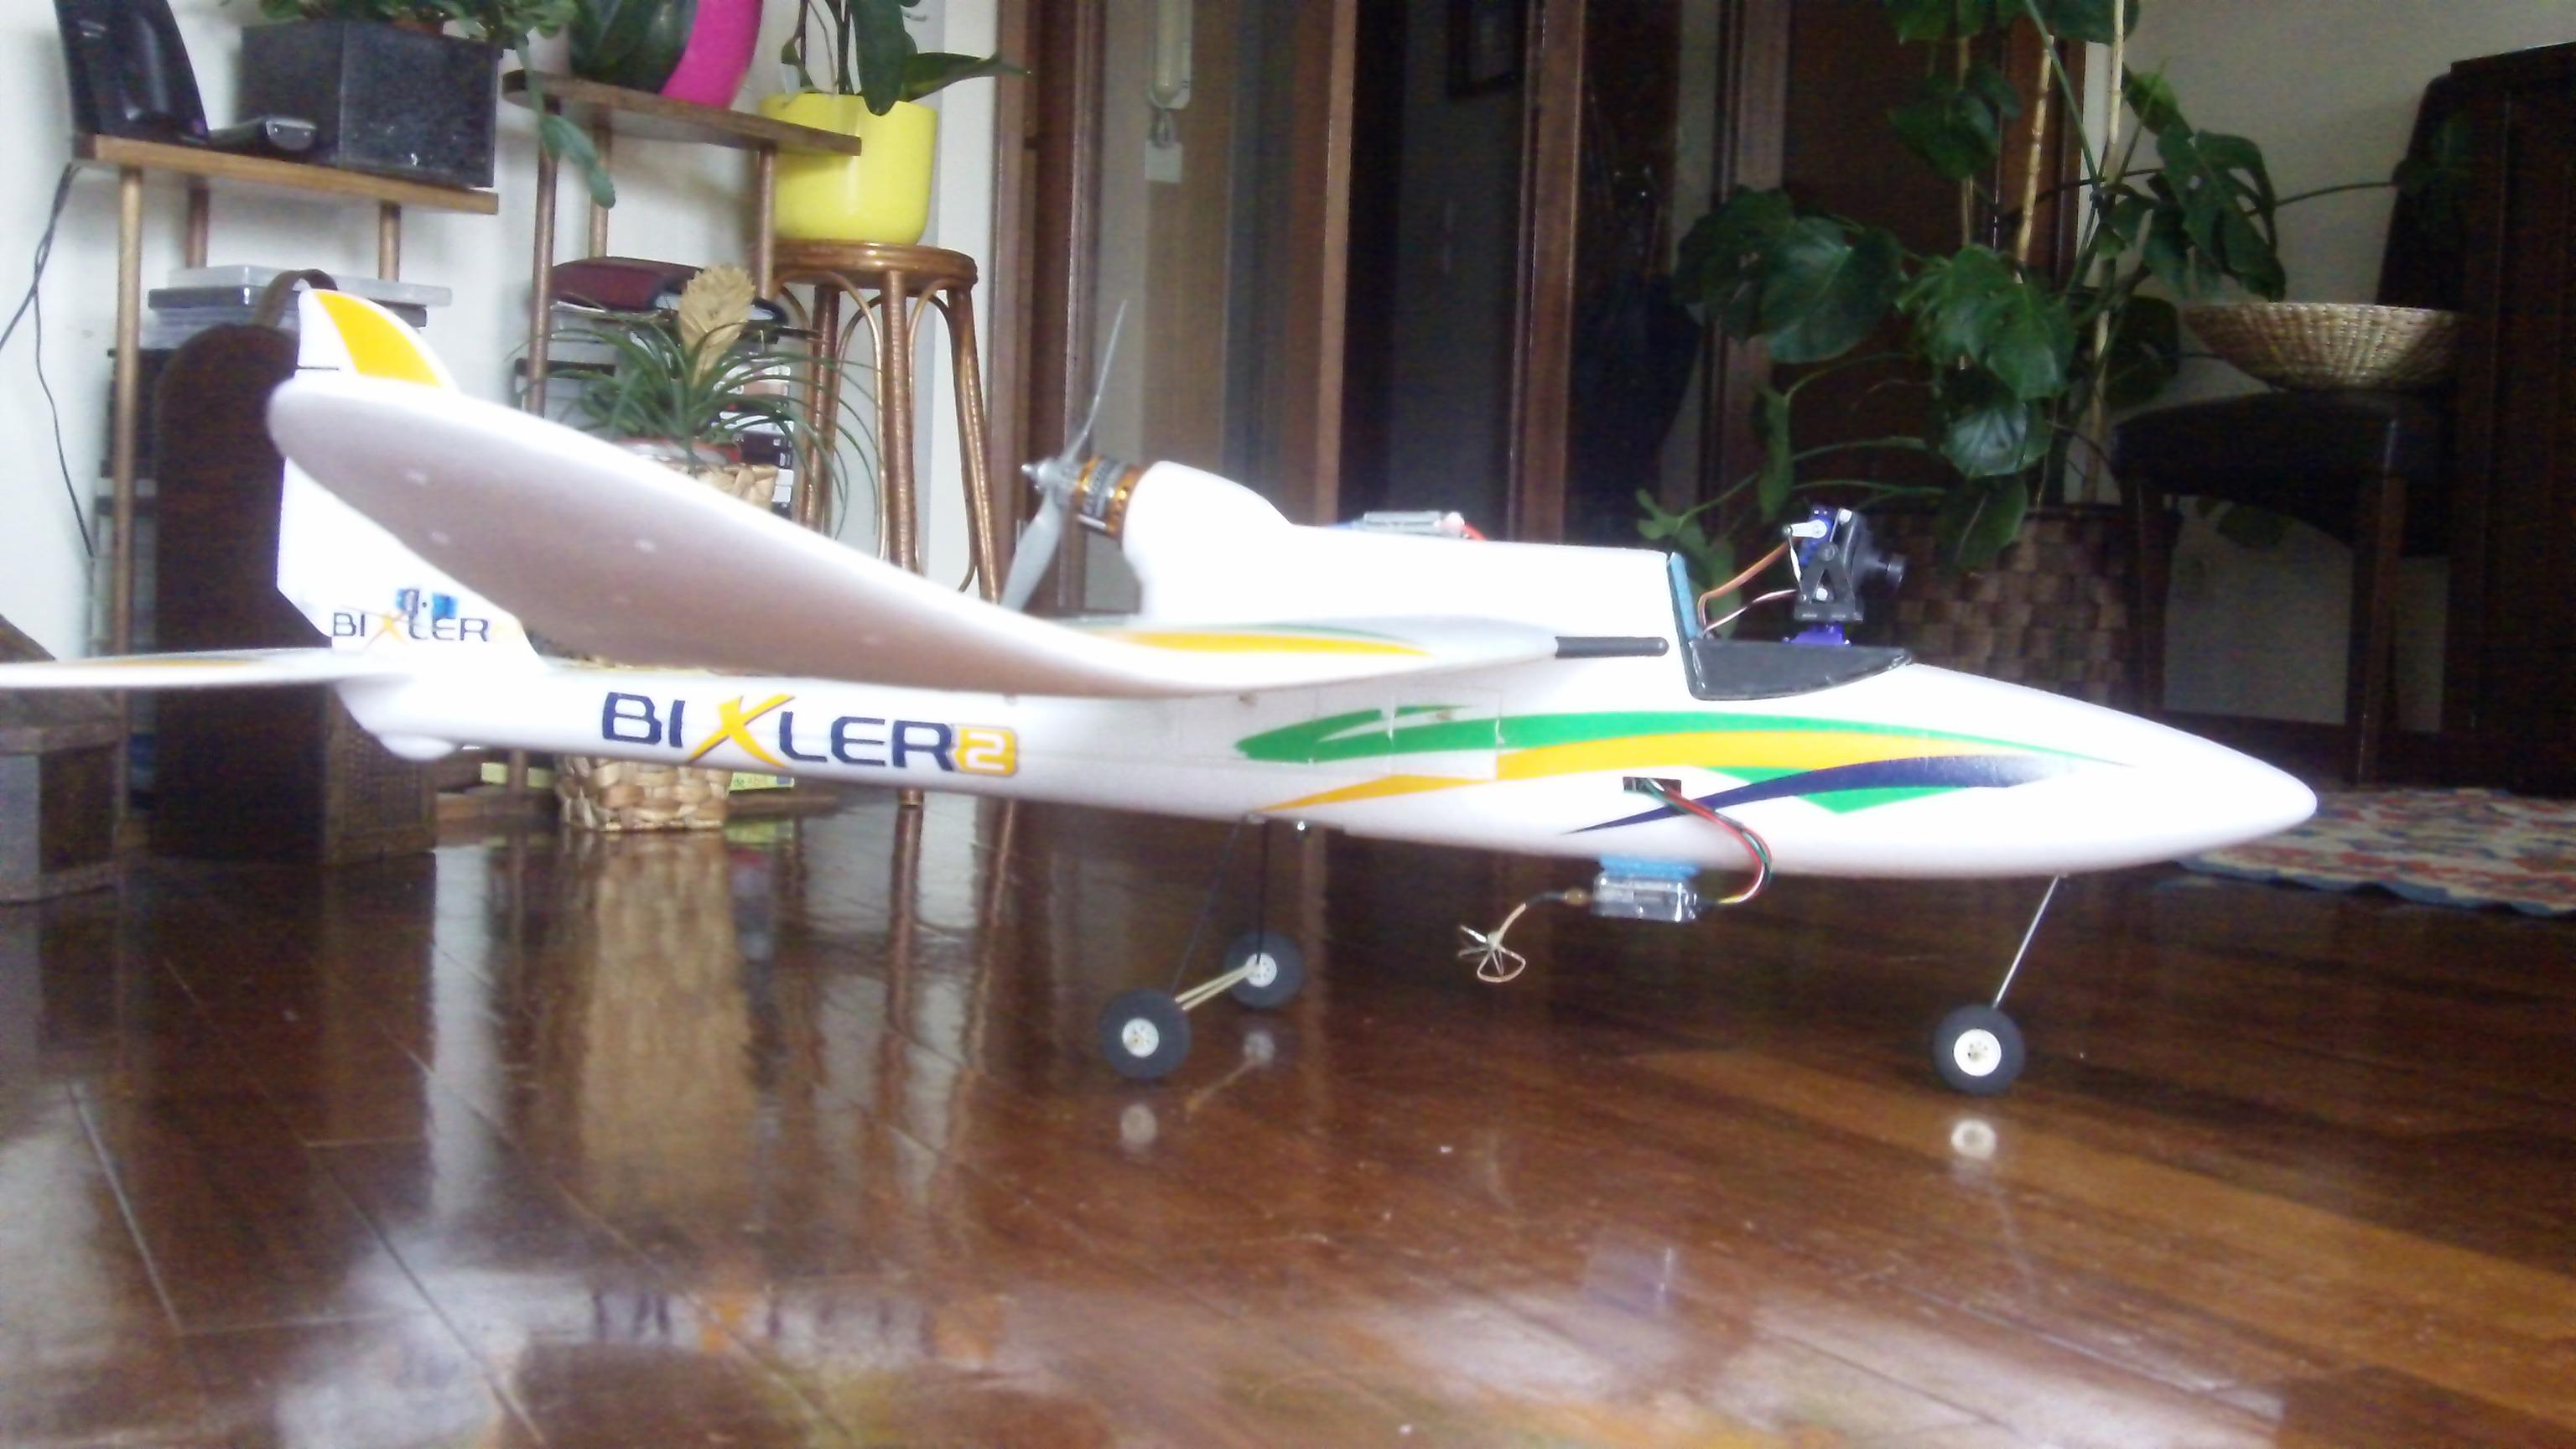 HobbyKing® Bixler® 2 OEP 1500 mm w / Flaps opcionales (KIT)